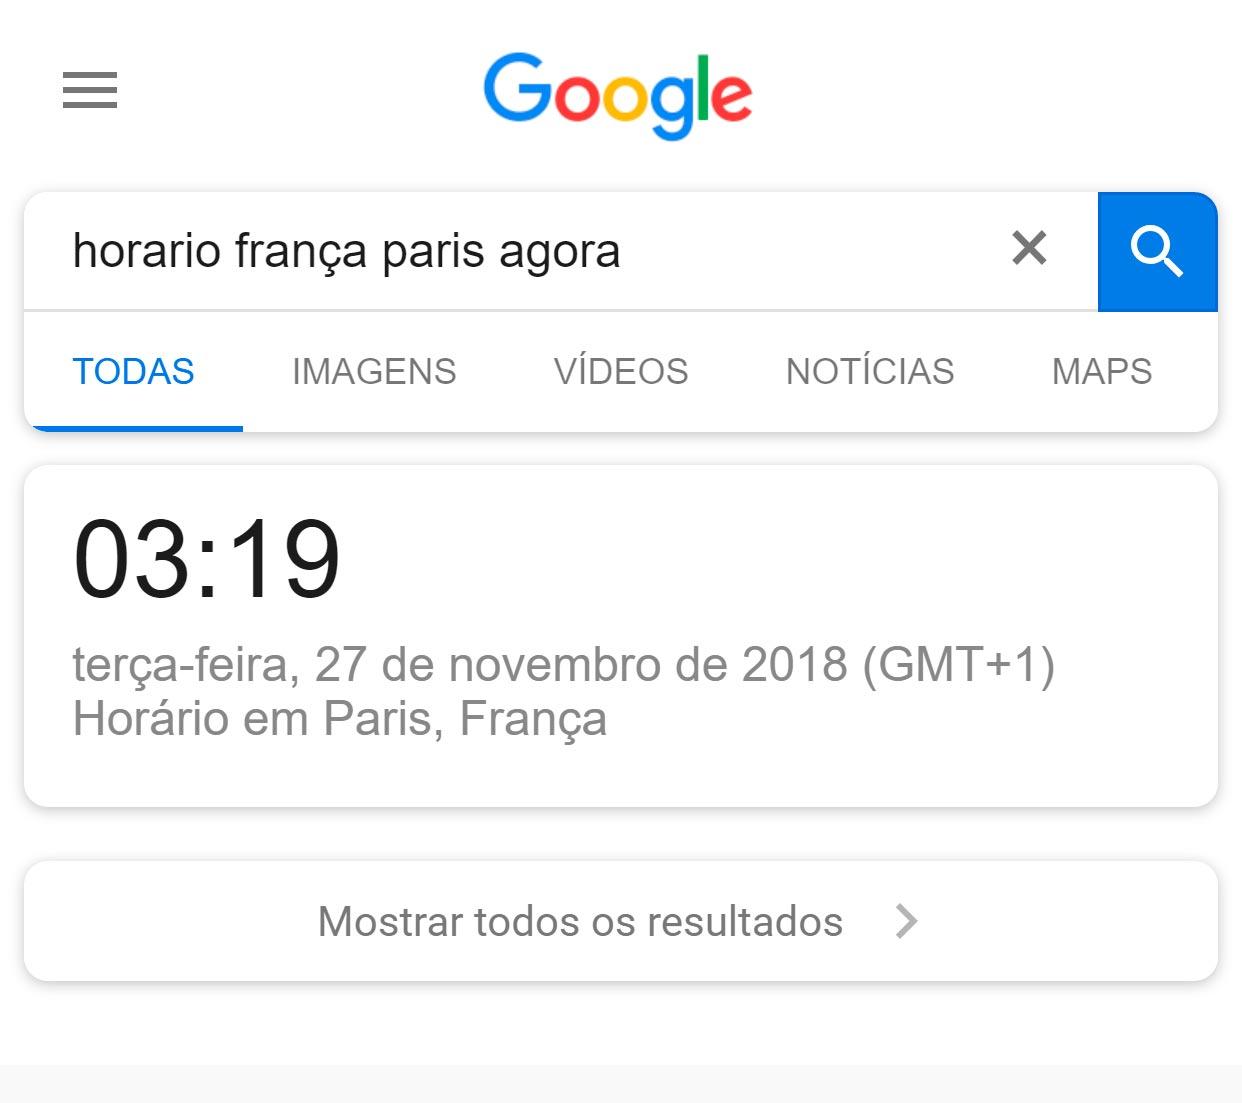 google não mosrtra nenhum site no resultado de buscas por horários